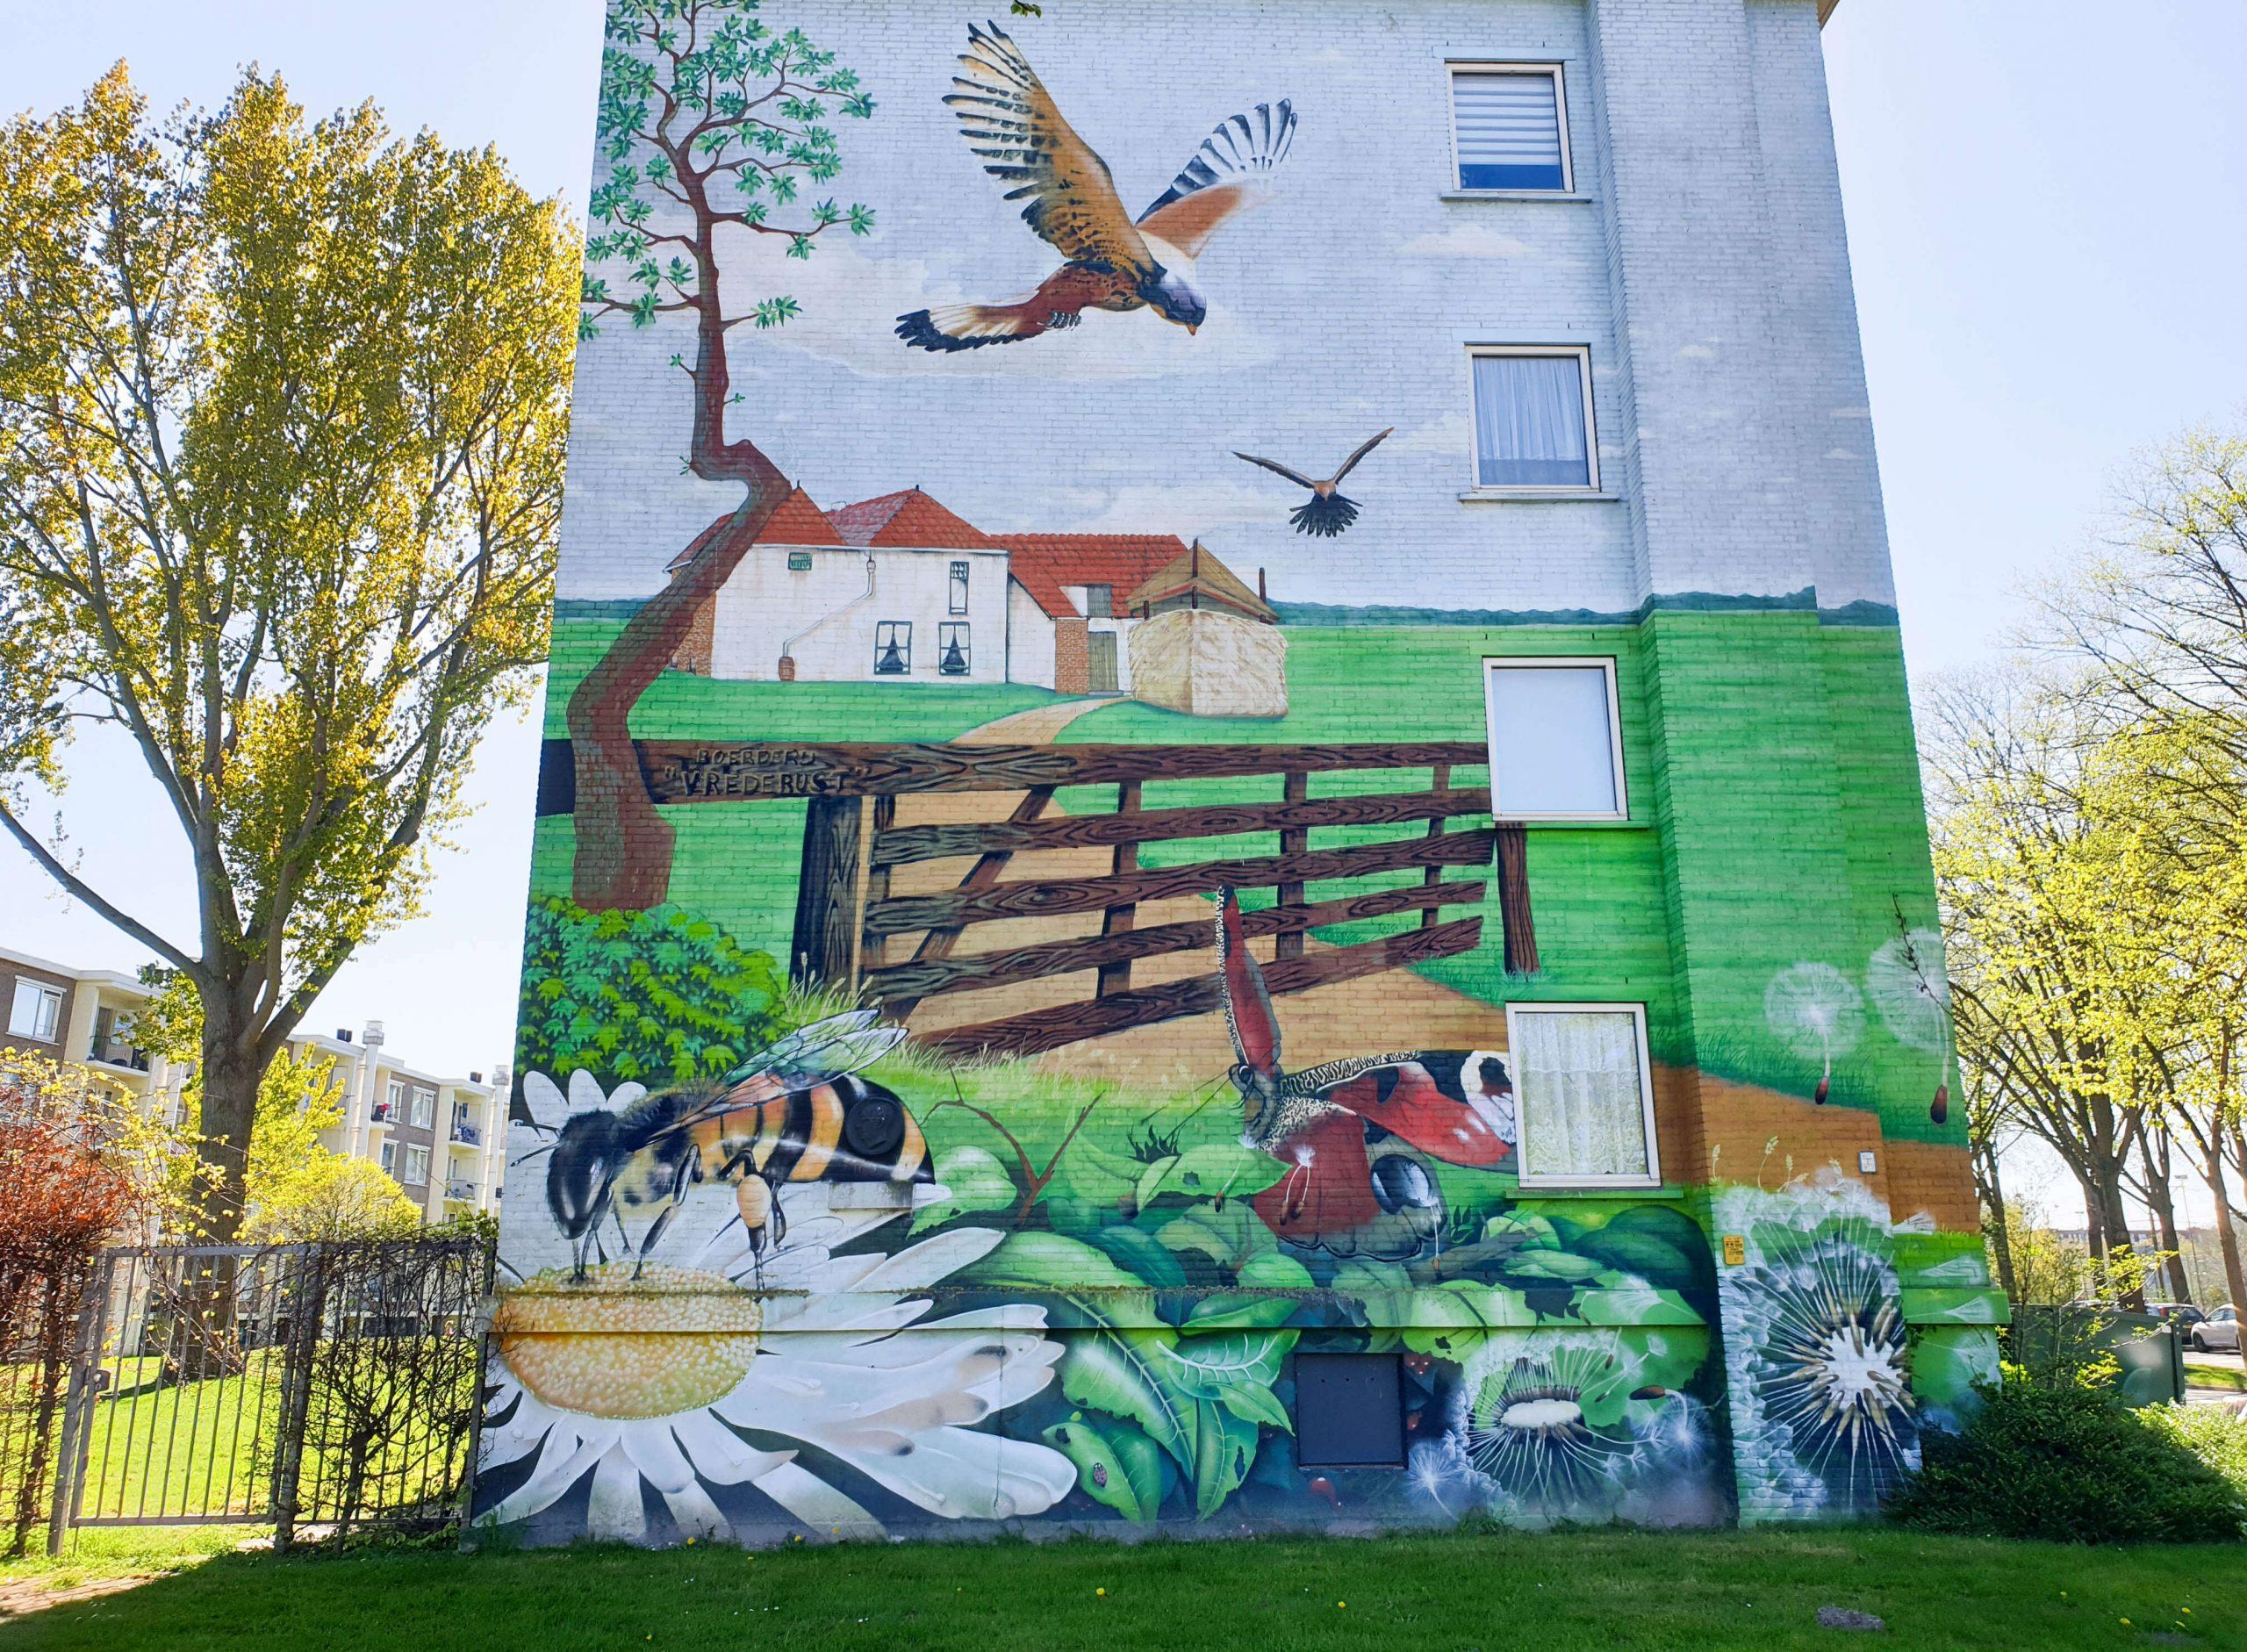 Street Art Drapeniersgaarde